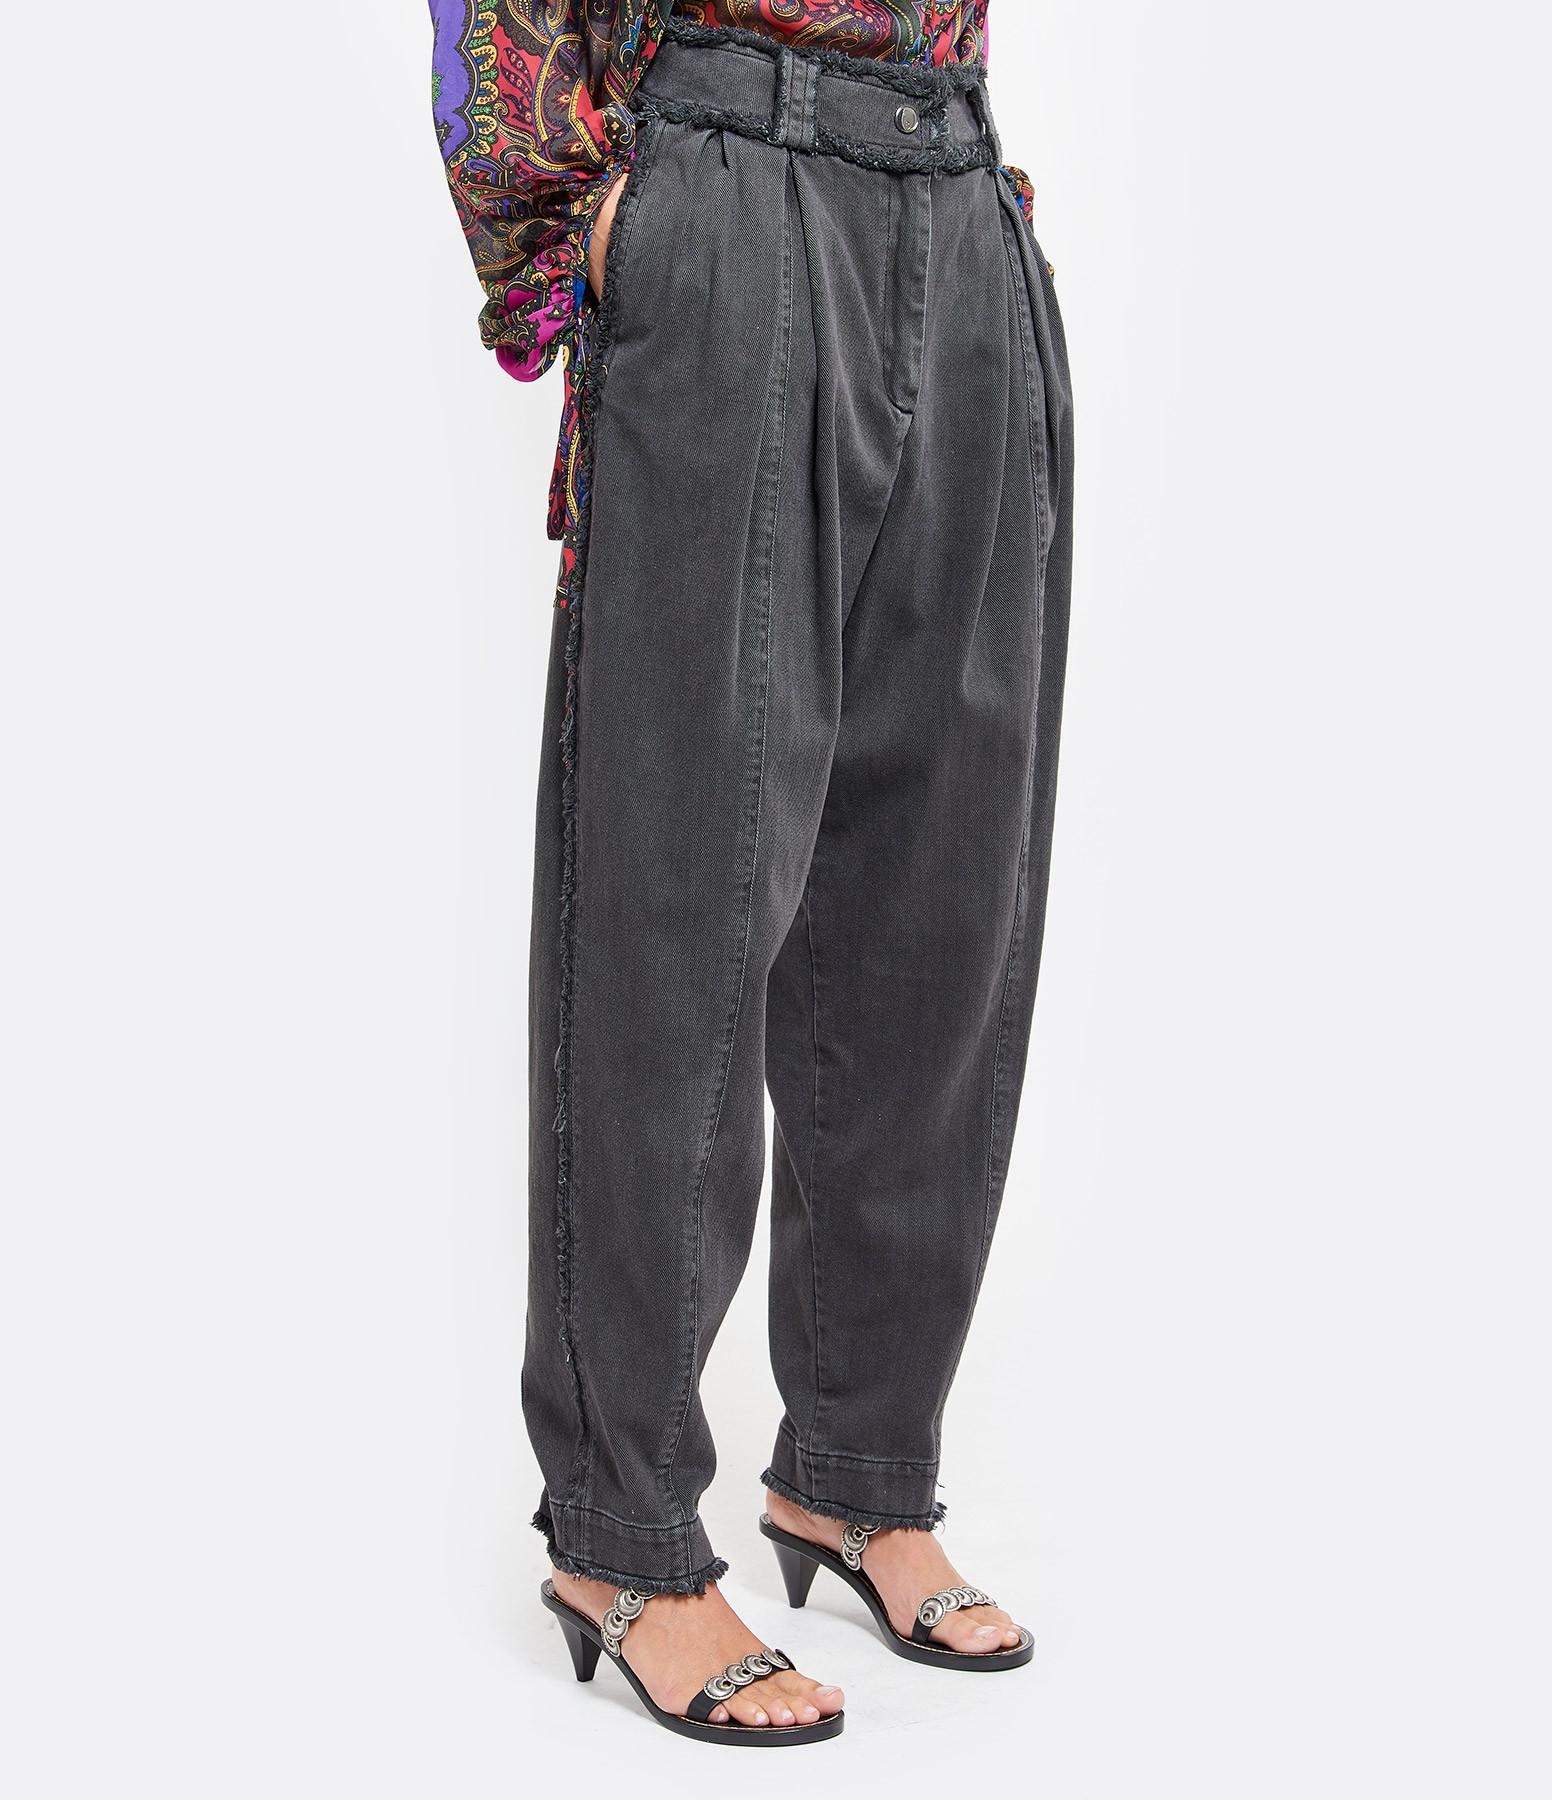 LAURENCE BRAS - Pantalon Plug Coton Denim Gris Charbon